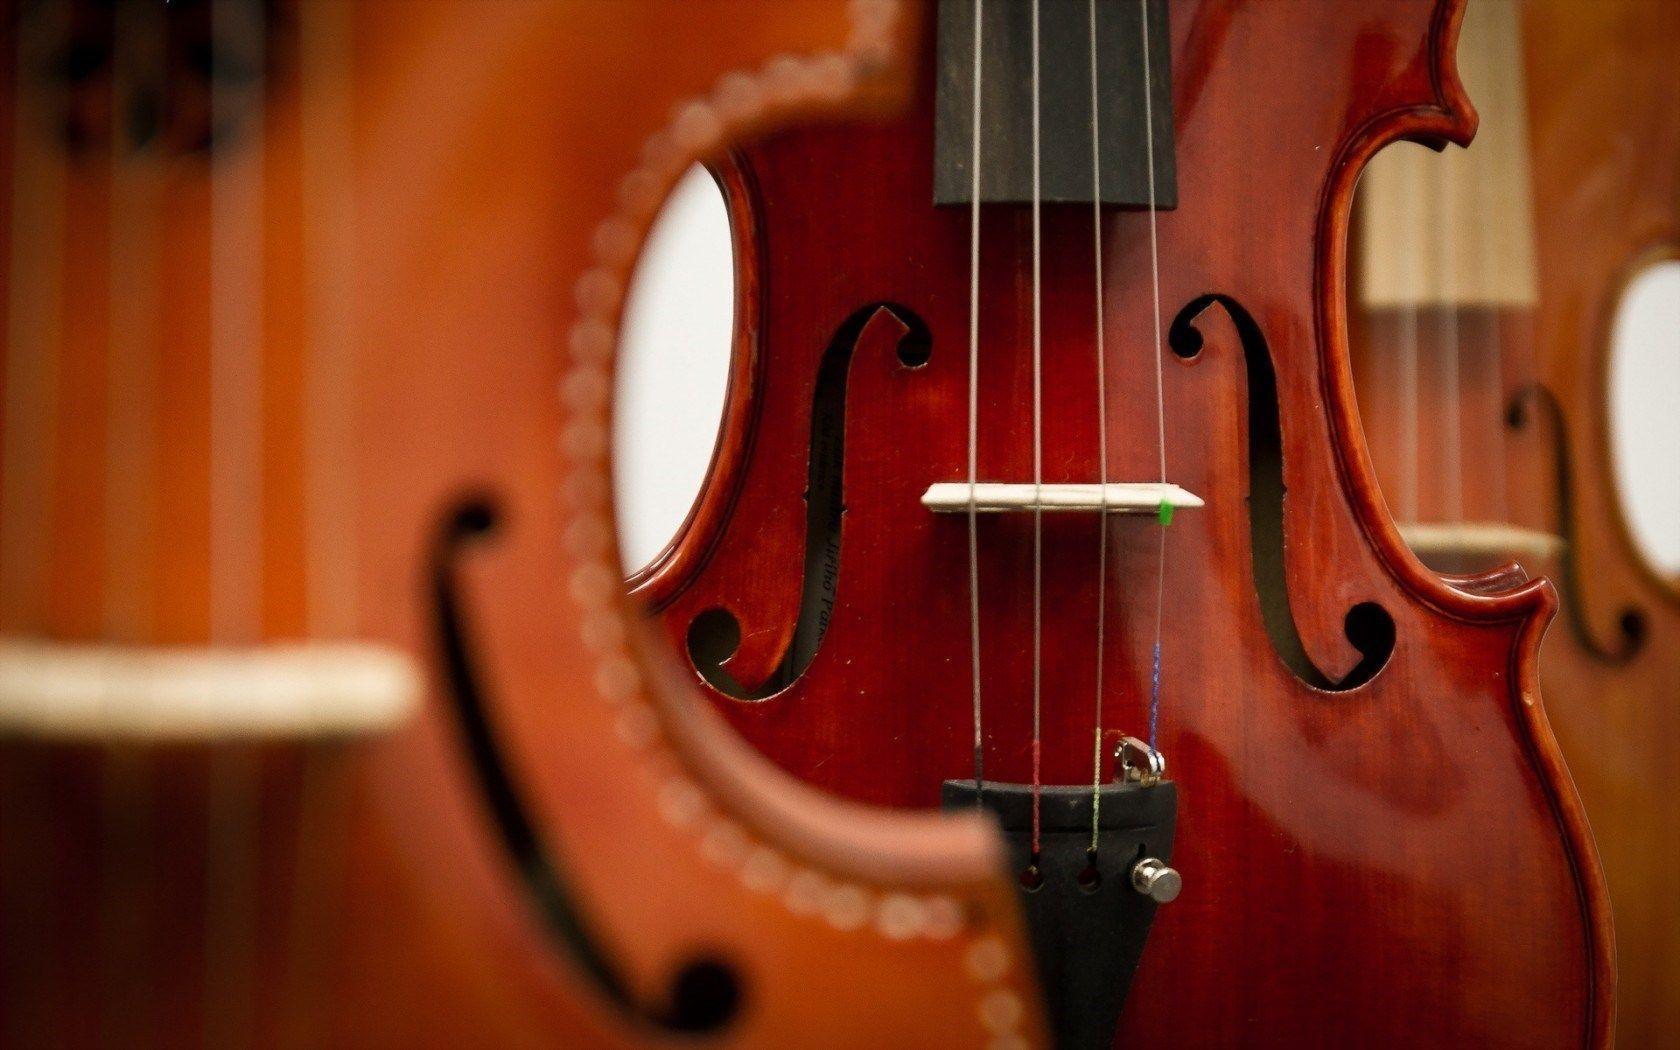 Violin Music HD Wallpaper - ZoomWalls